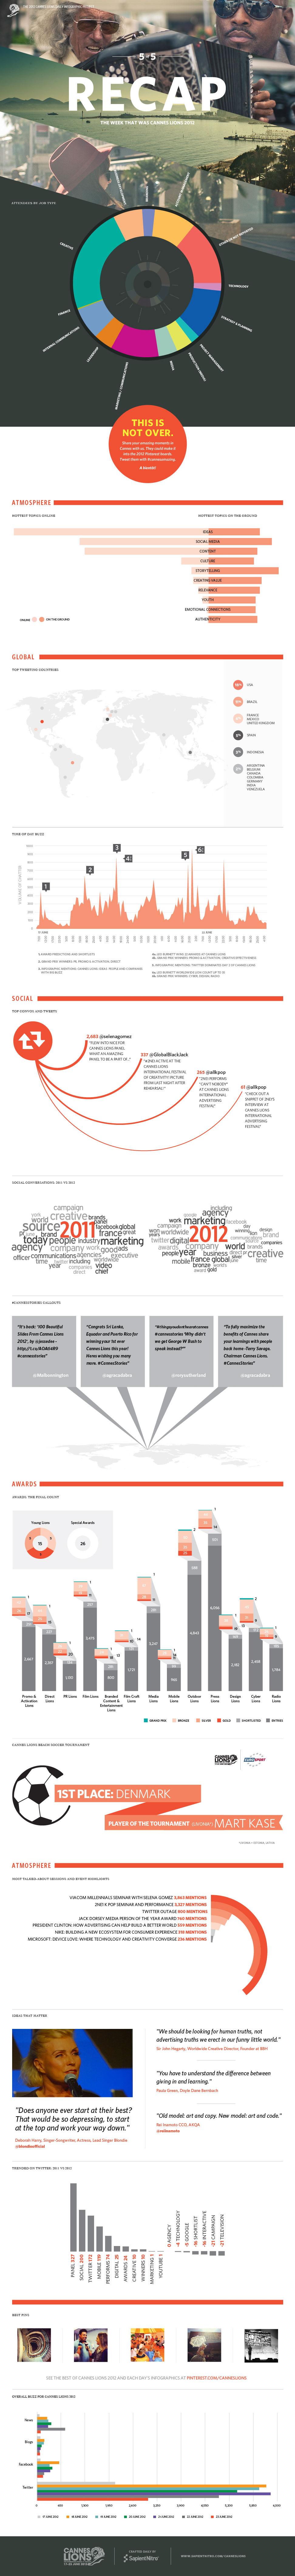 Cannes-Lions-2012-Recap-infographic